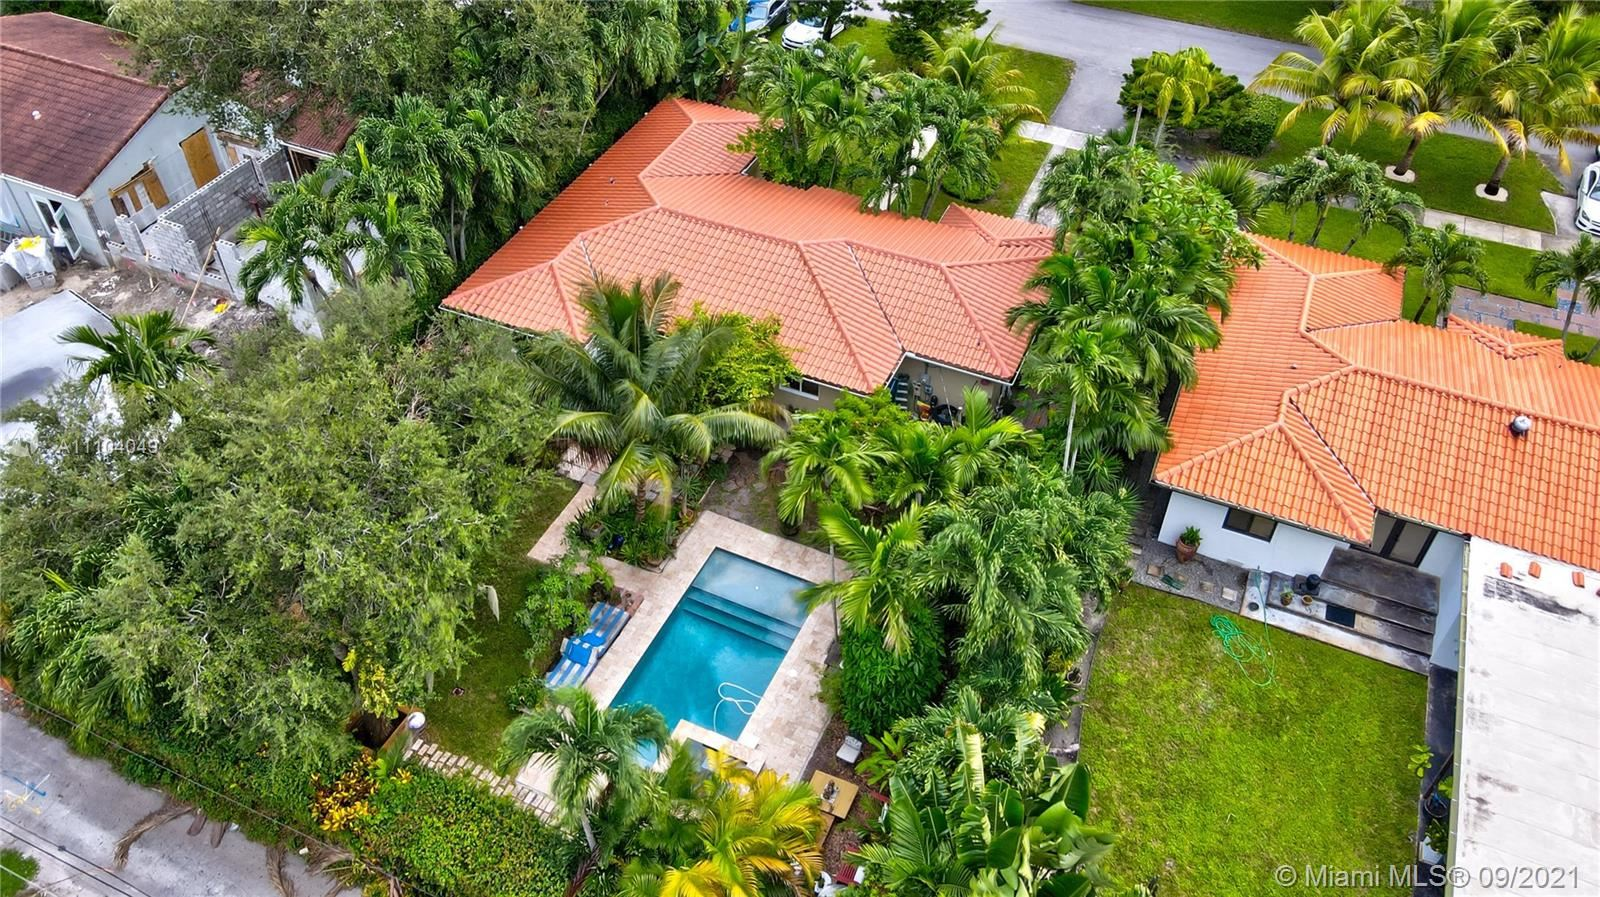 585 NE 93rd St, Miami Shores, FL 33138 - #: A11104049